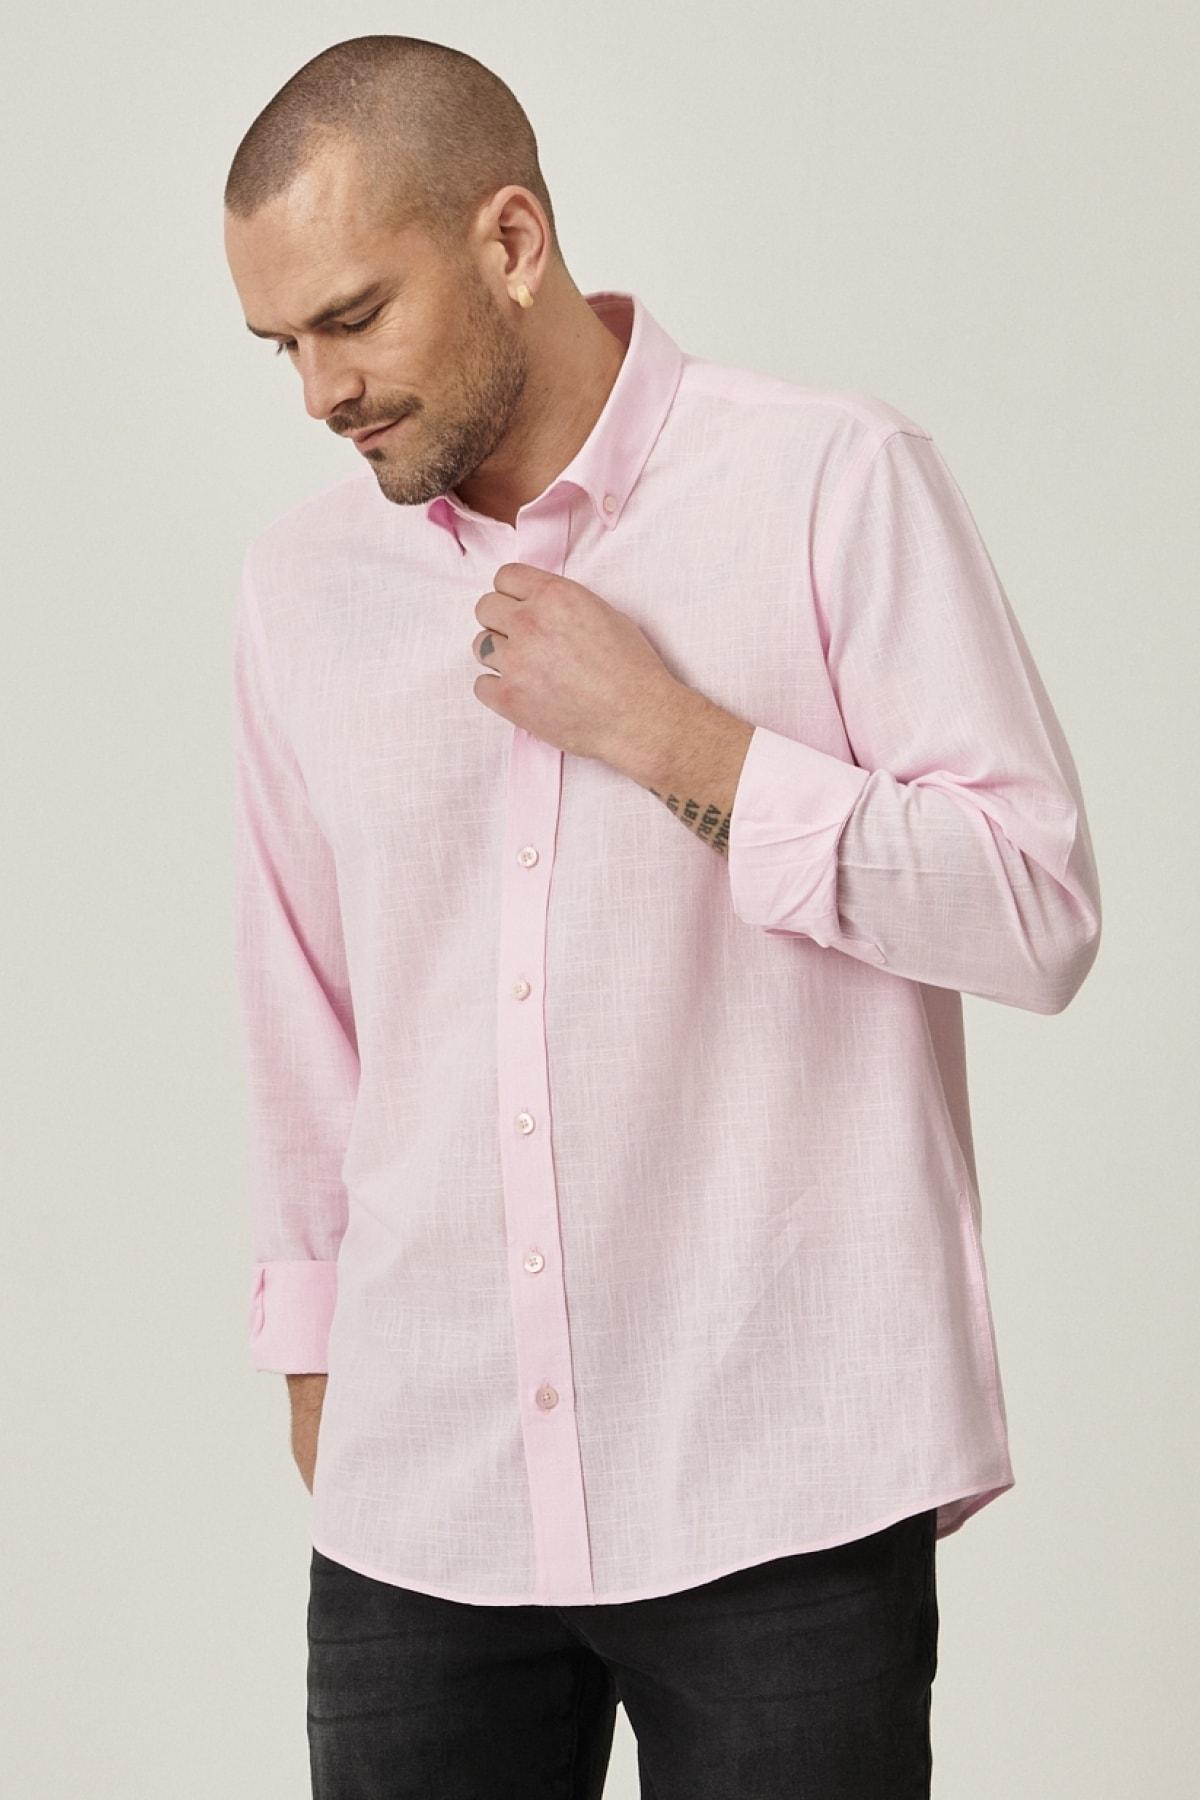 Tailored Slim Fit Dar Kesim Düğmeli Yaka %100 Koton Gömlek